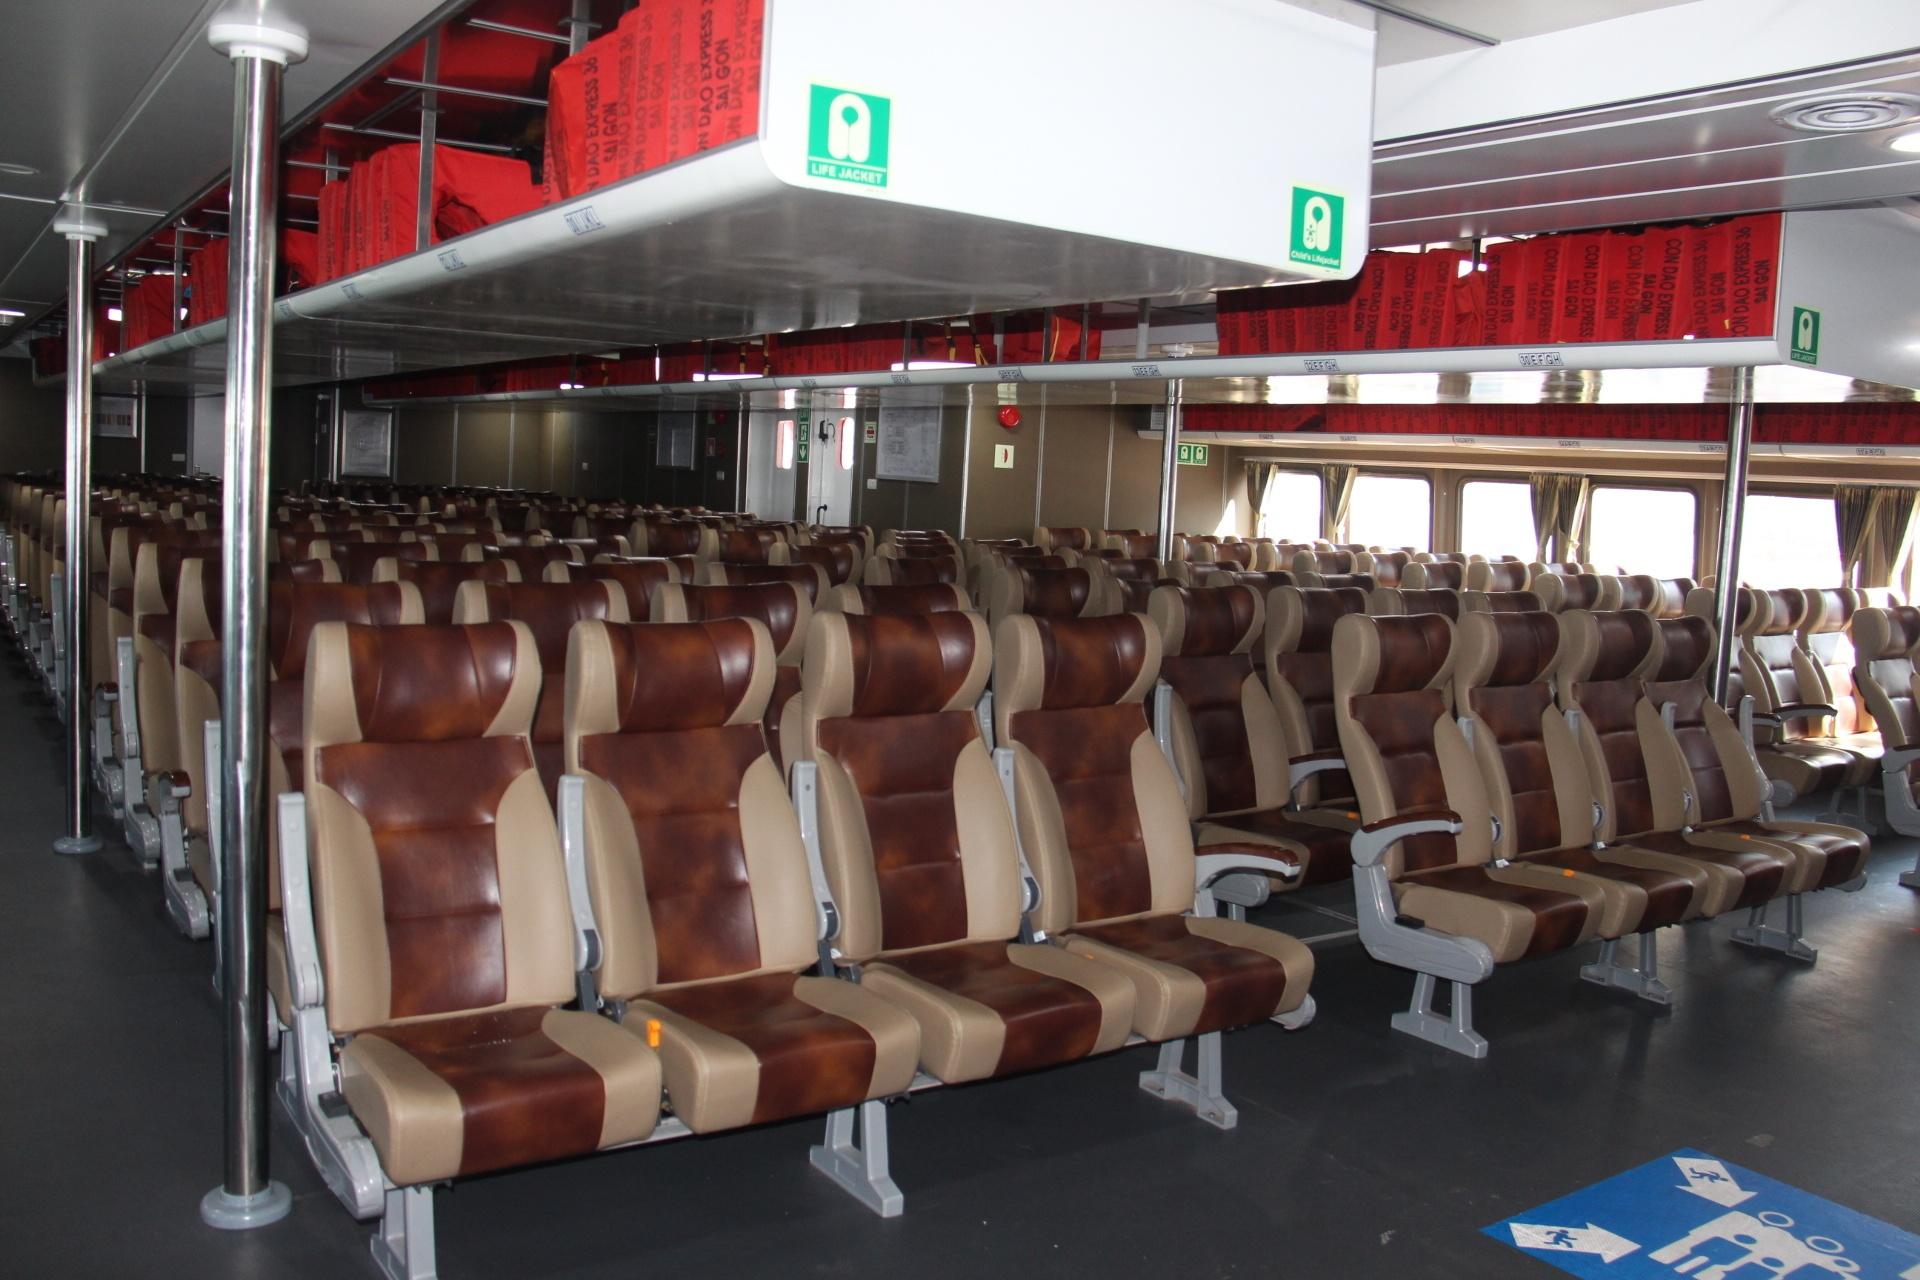 Bắt đầu khai thác tuyến tàu cao tốc Vũng Tàu - Côn Đảo Ảnh 7